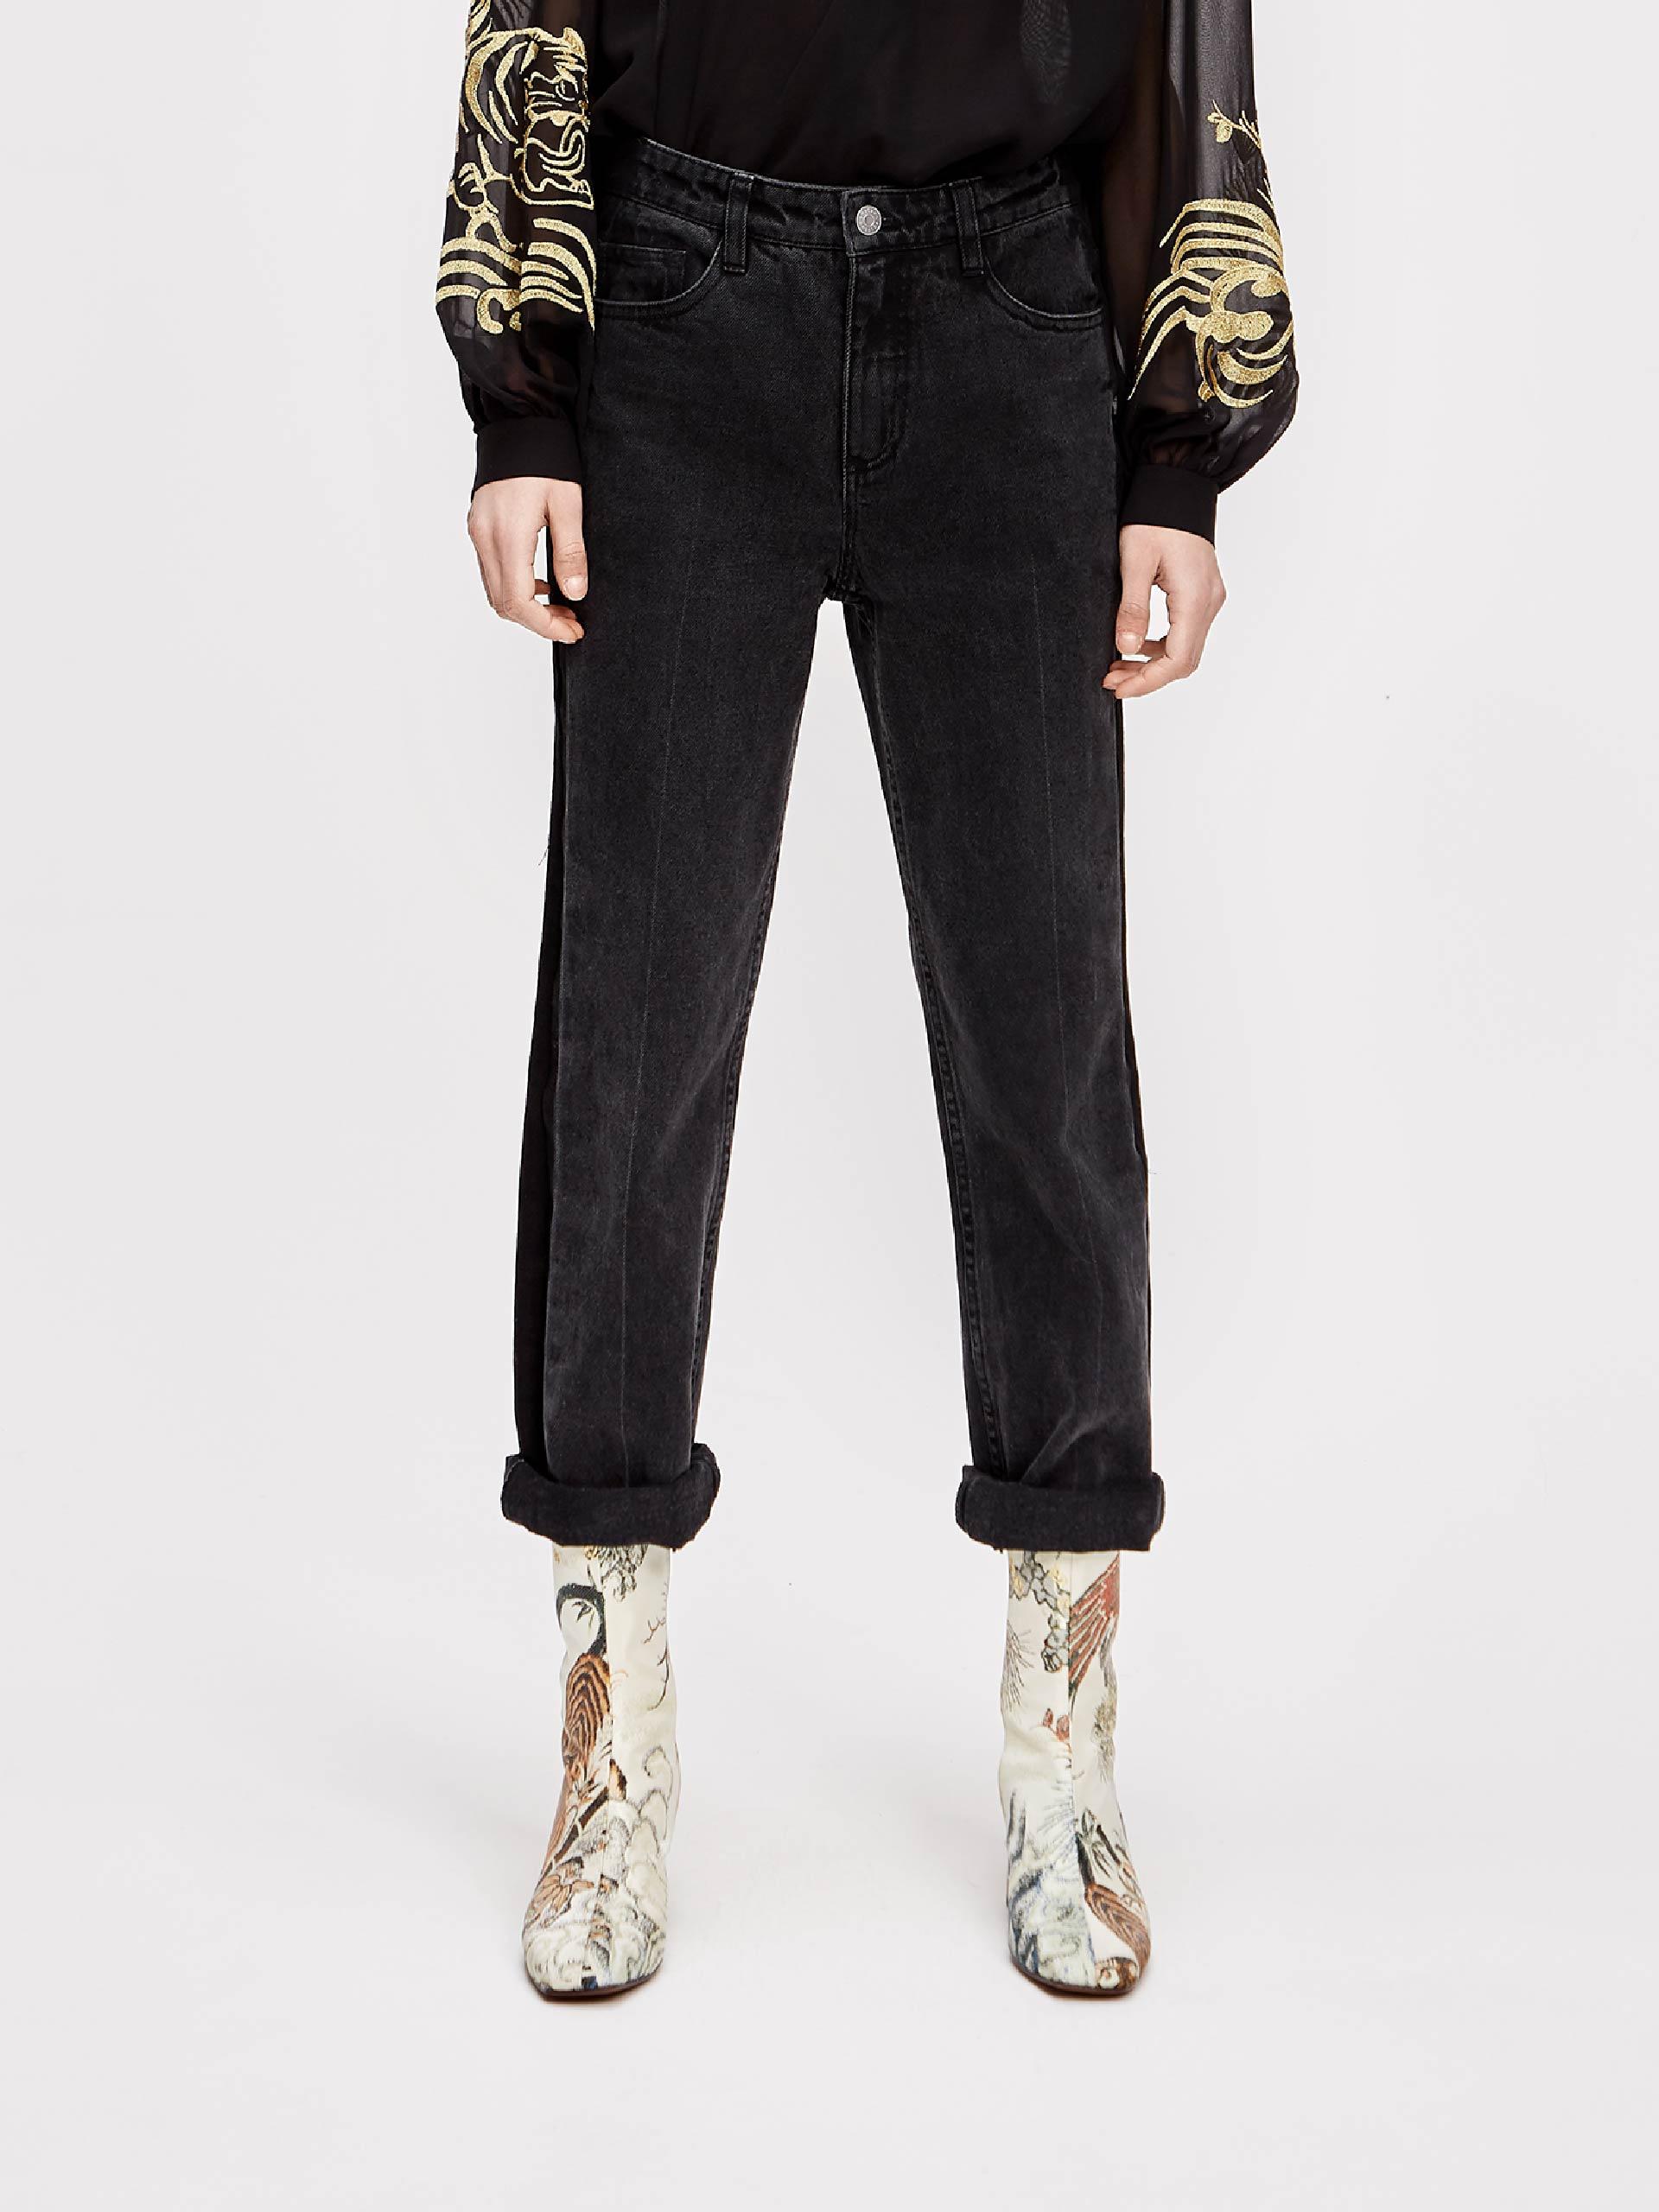 黑色直筒牛仔裤